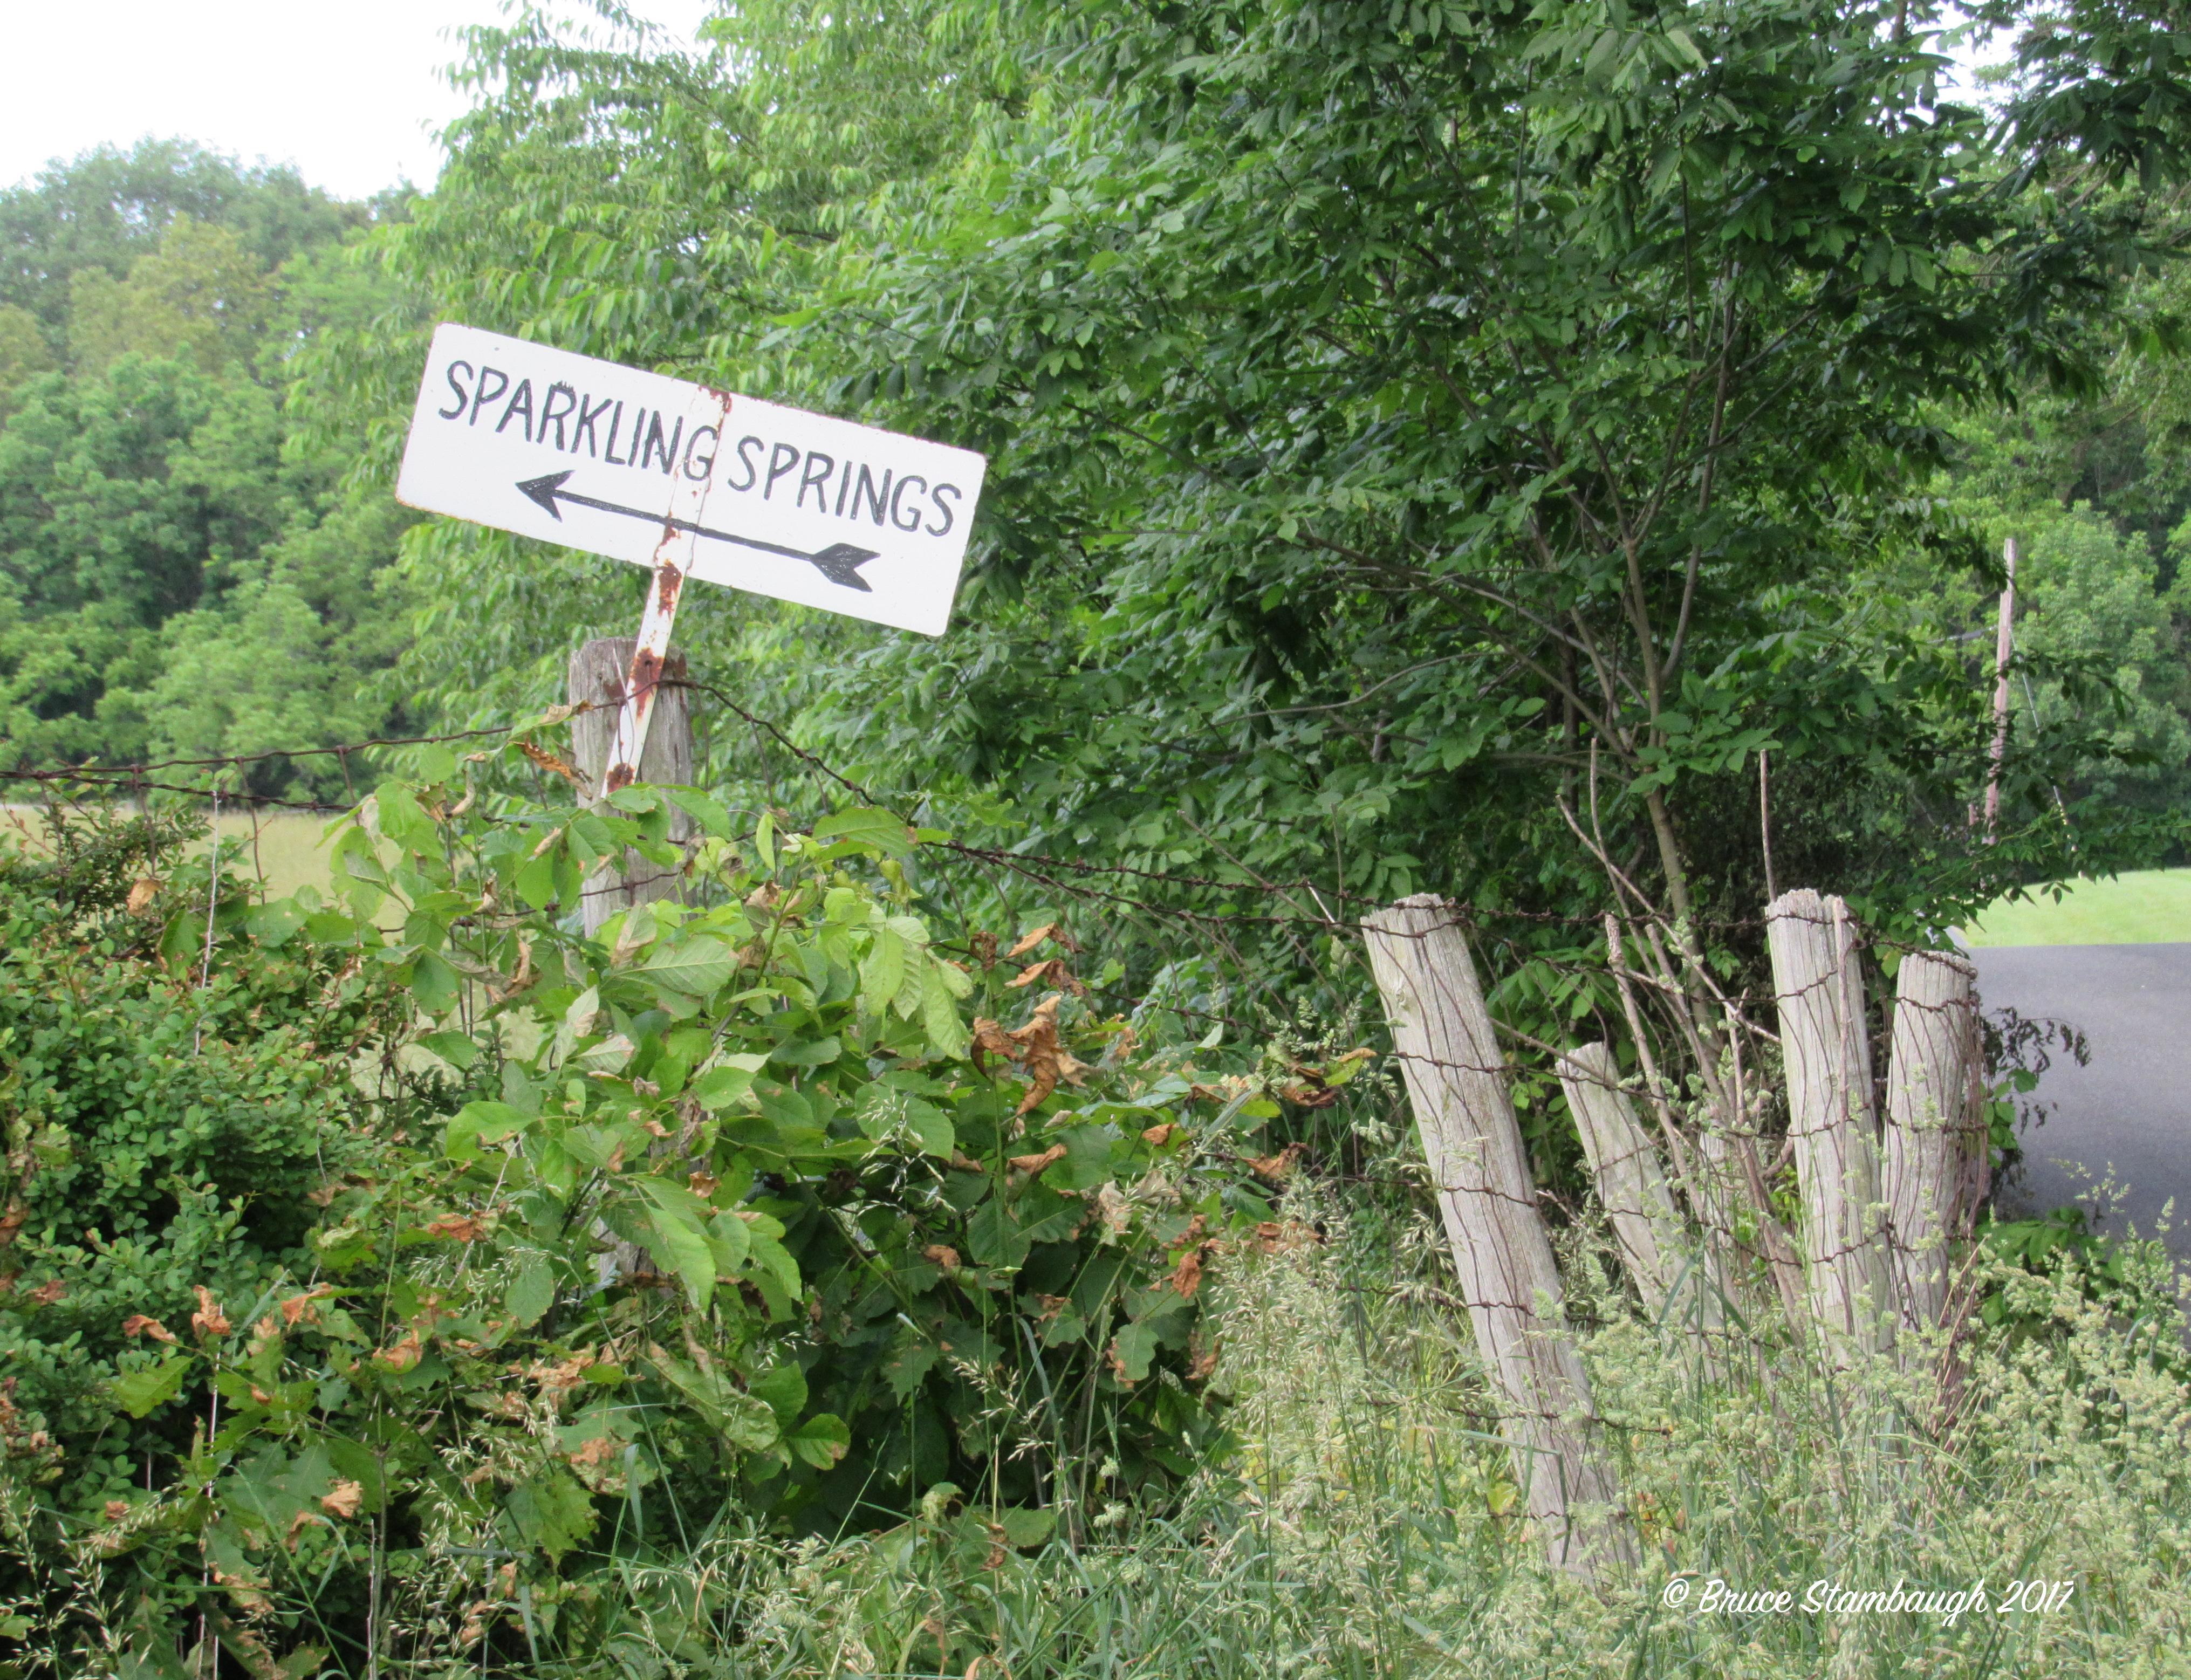 rural road names, road names